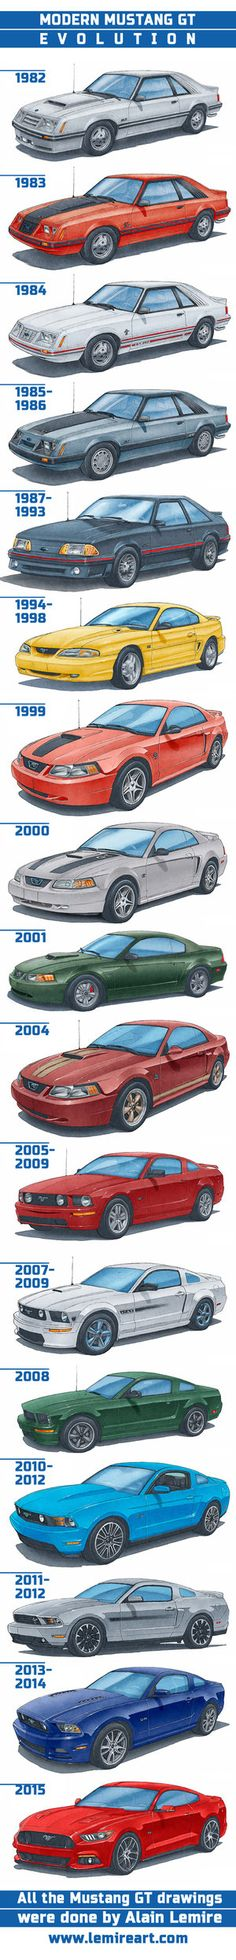 Evolución Del Mustang GT [1982 a 2017].